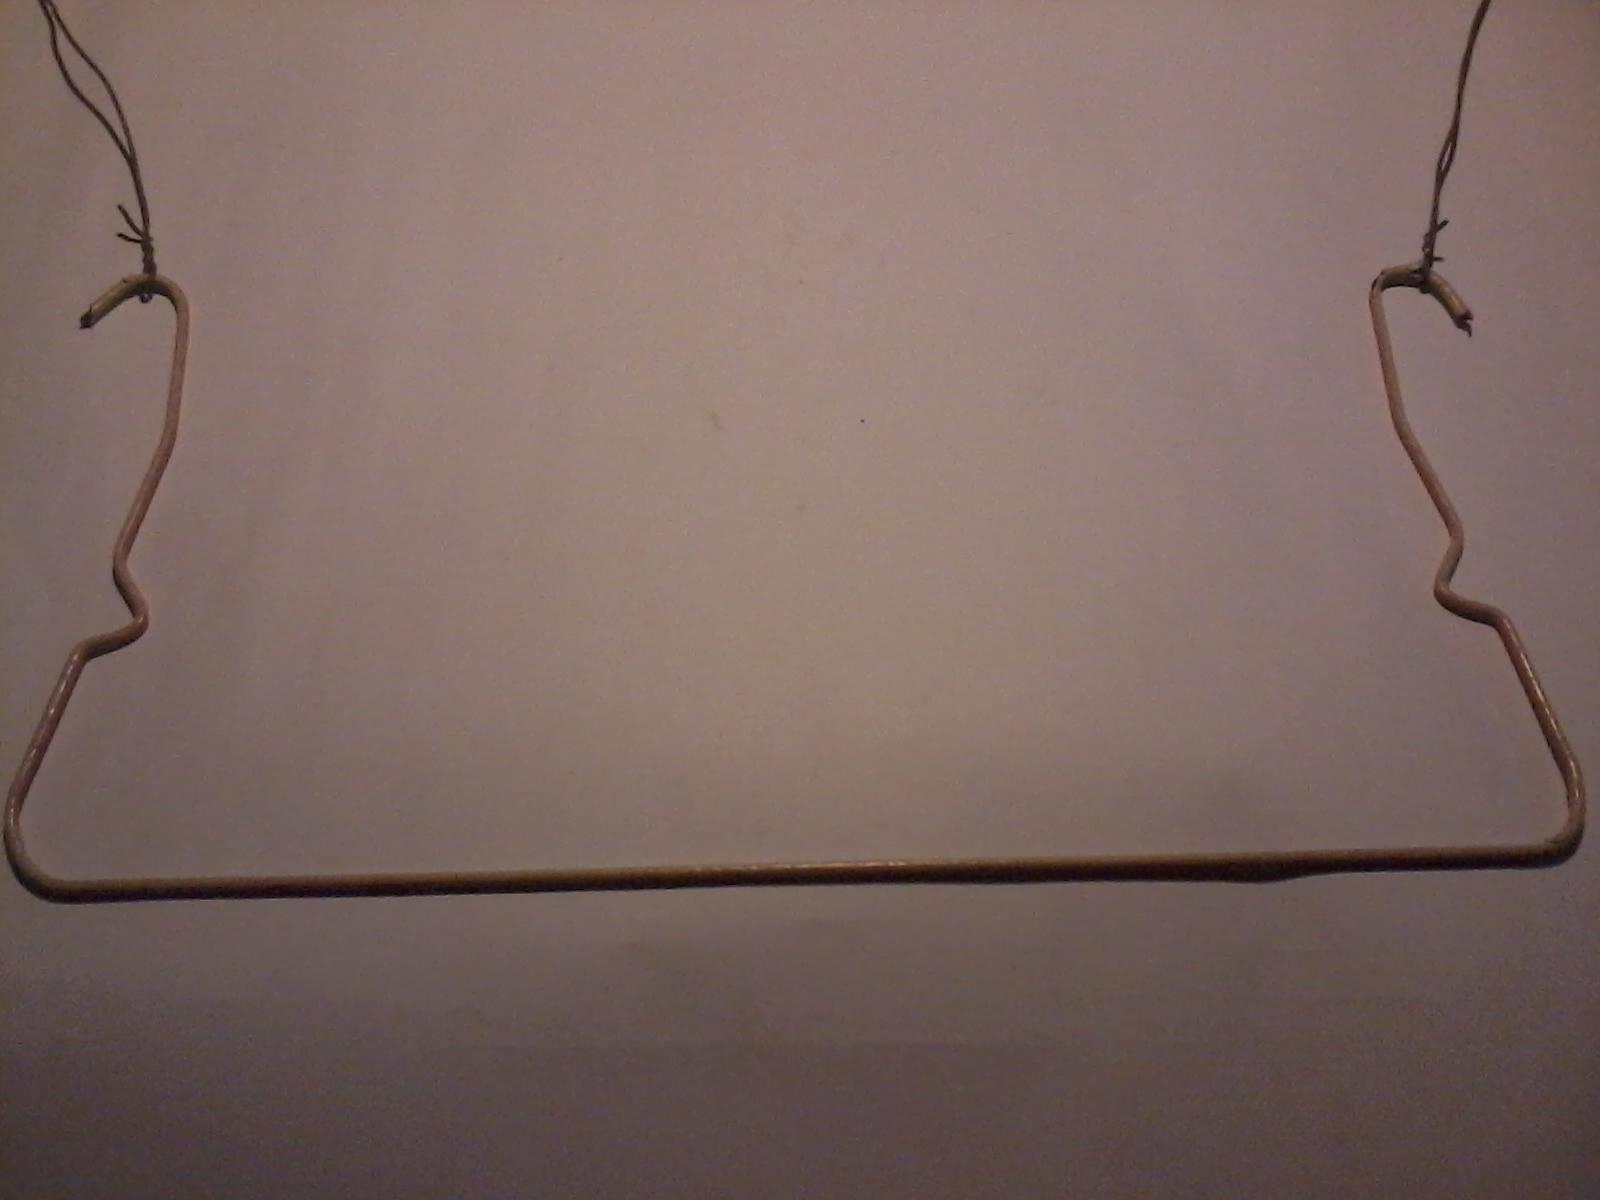 Picture of Hanger, Hanger Rack